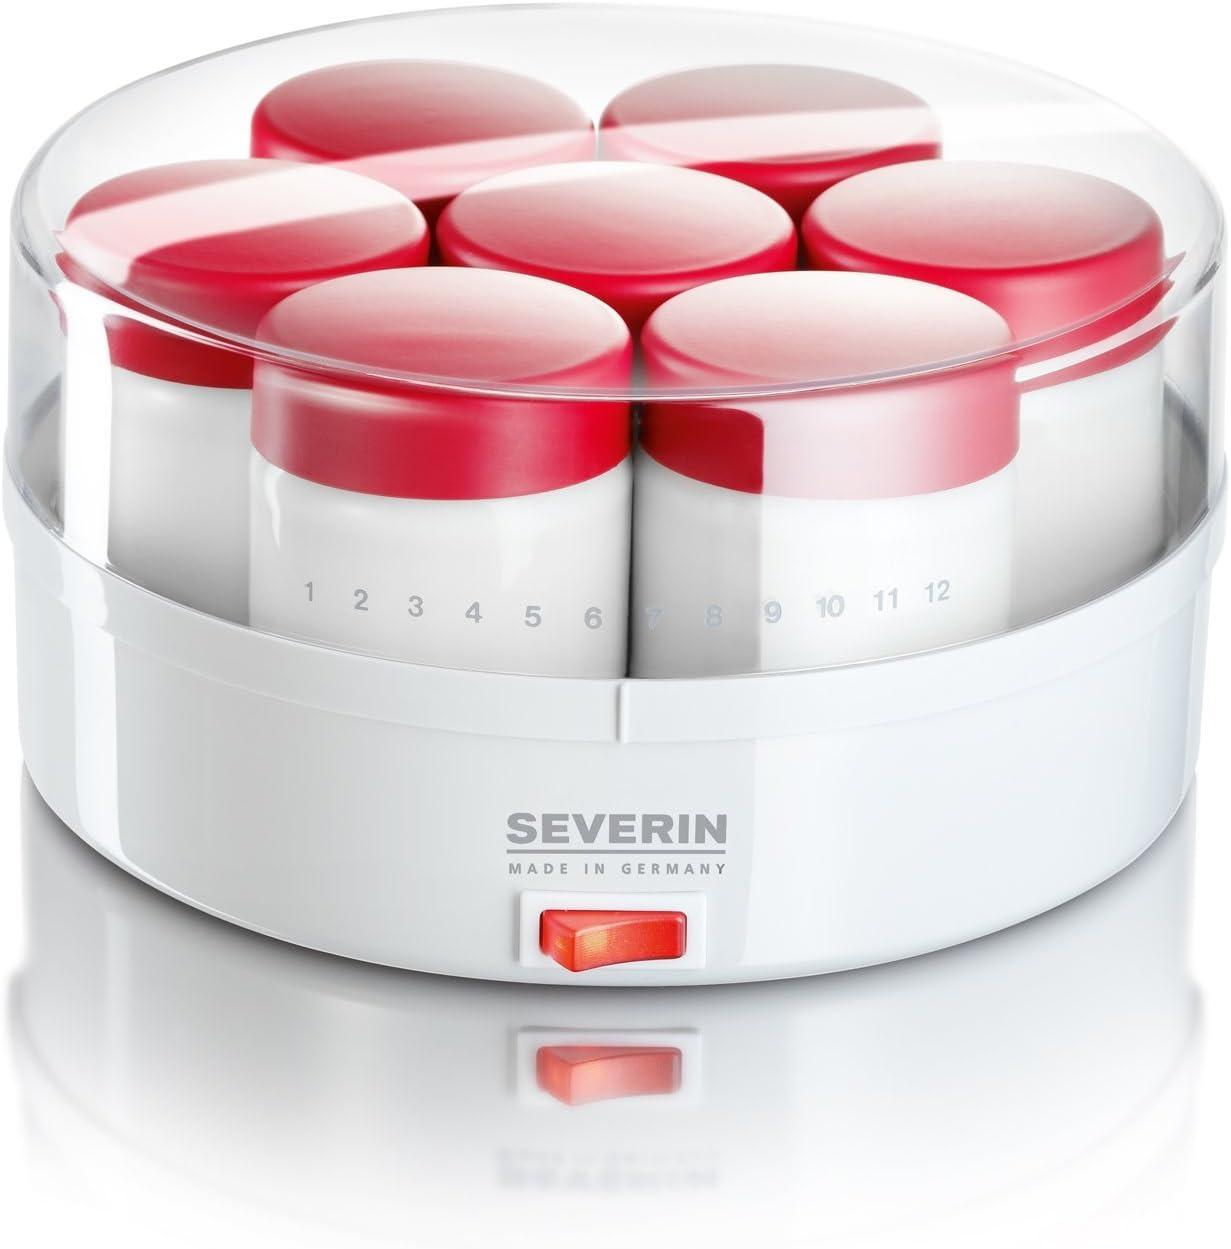 SEVERIN Yogurtera, Incl. 14 Tarros de 150 ml, Marcador de Memoria, JG3519, Blanco/Rojo